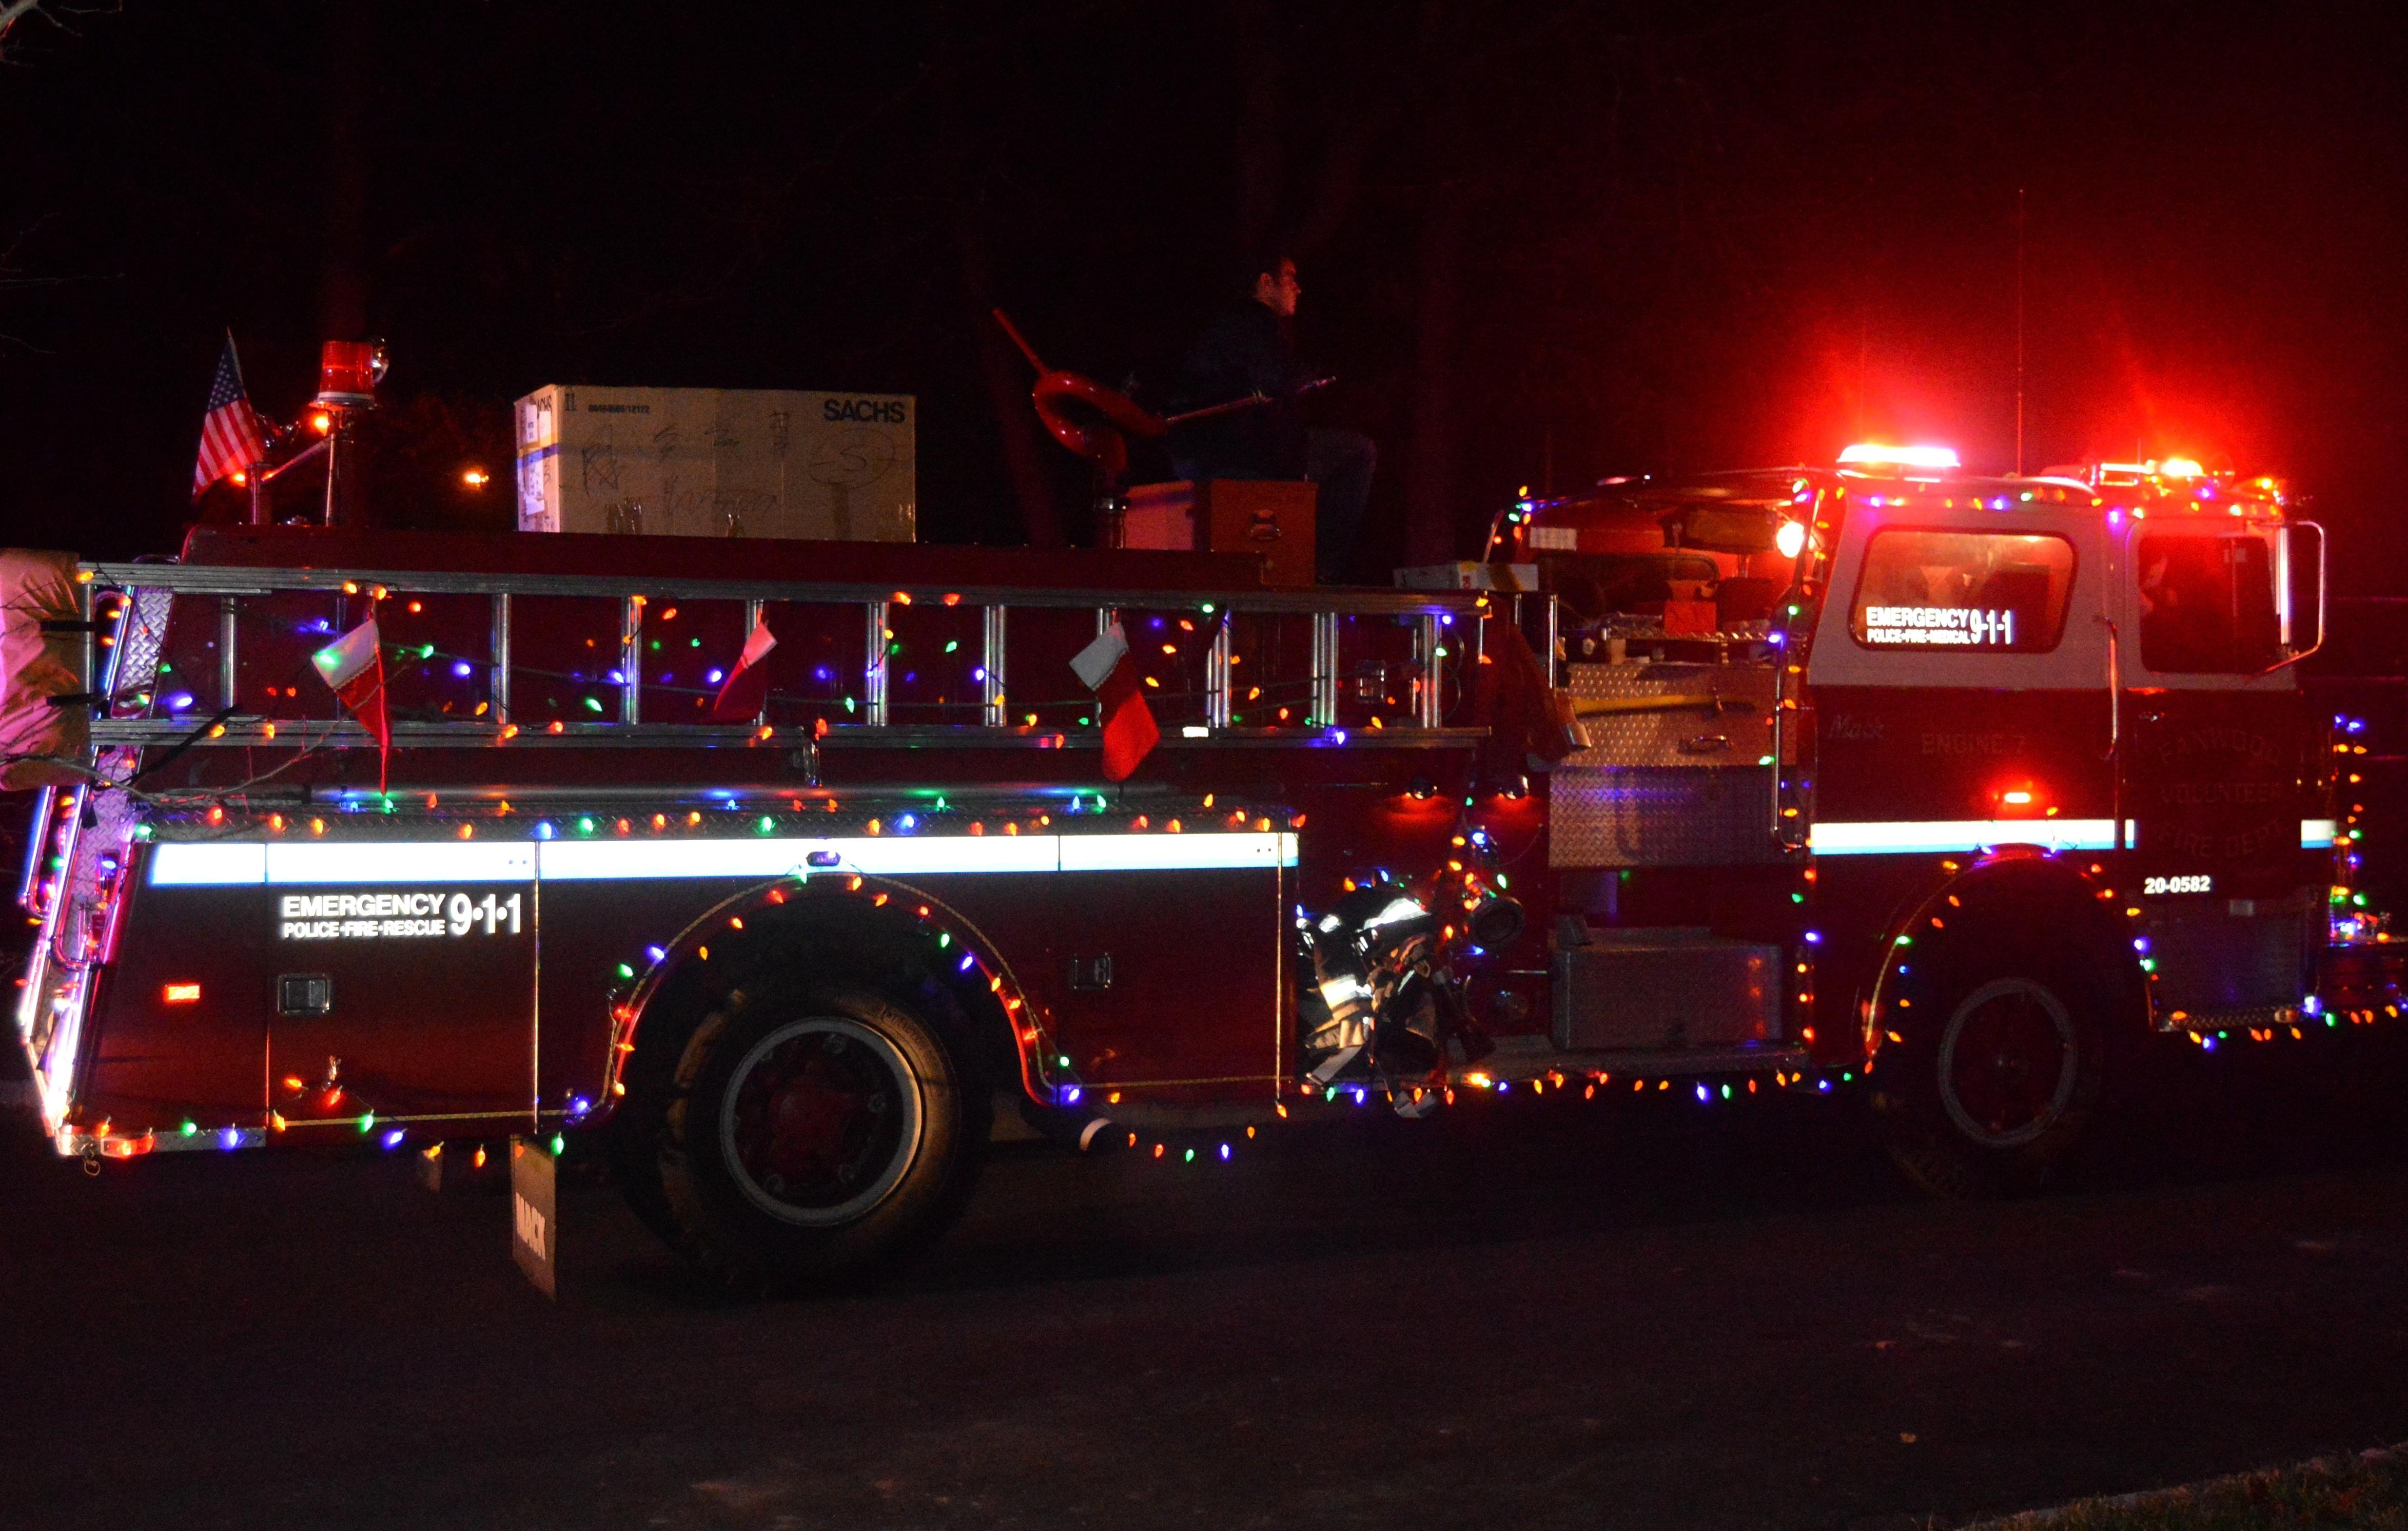 e9a8cdd493a1e2e6de65_Santa_truck.JPG